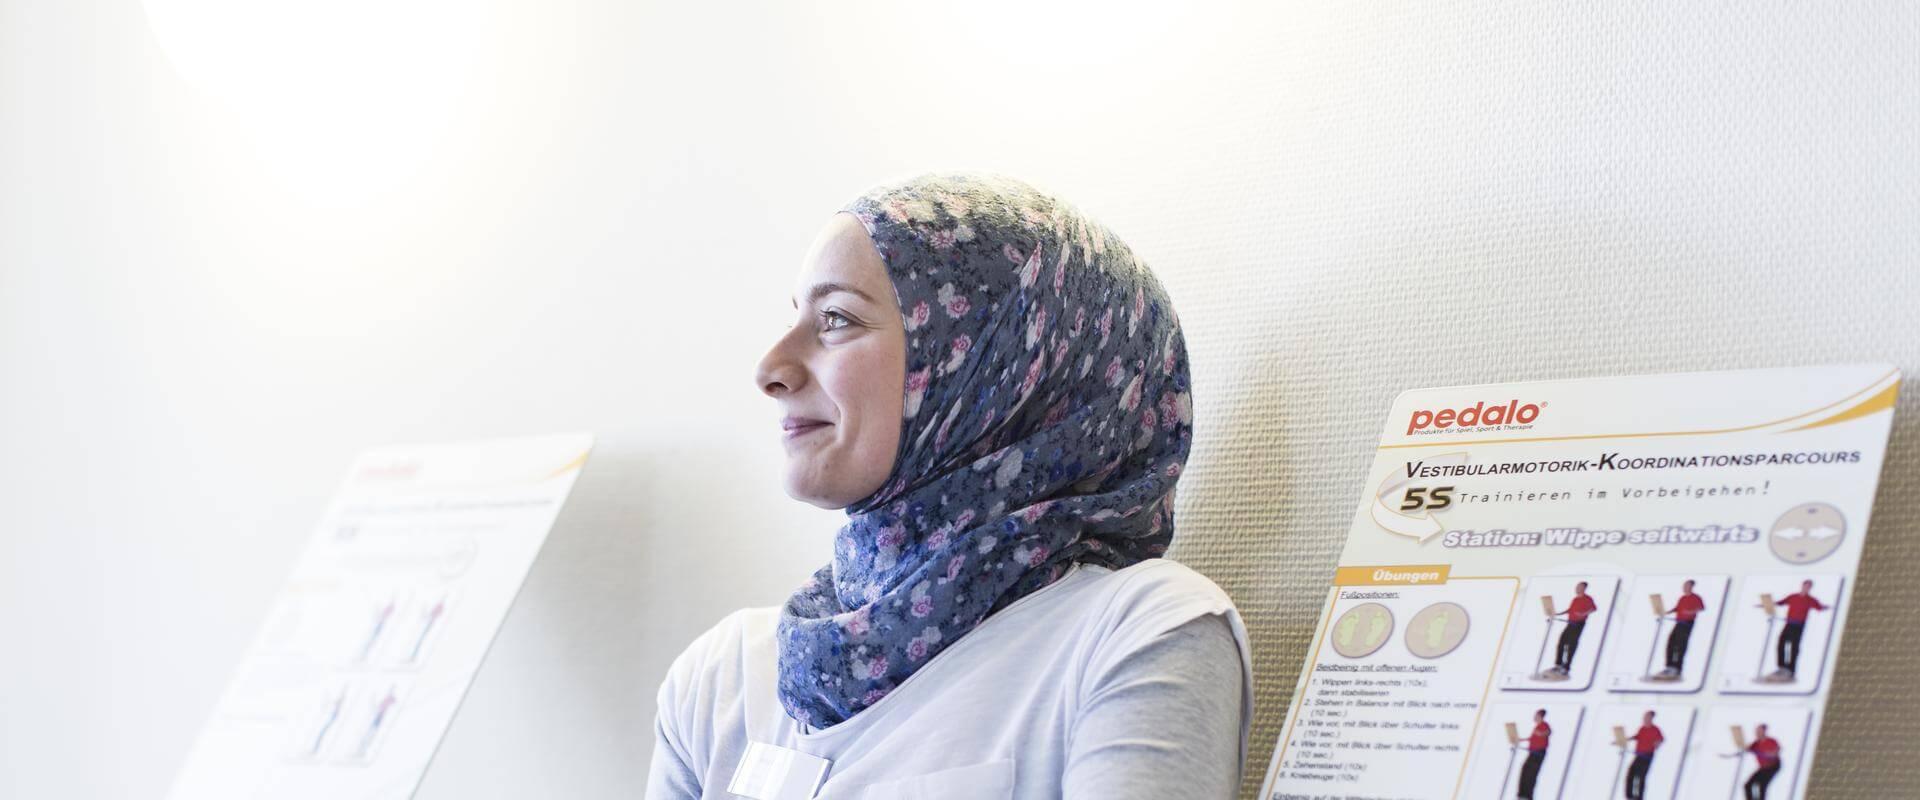 Patientenstimme zur MEDIAN Klinik Bad Tennstedt